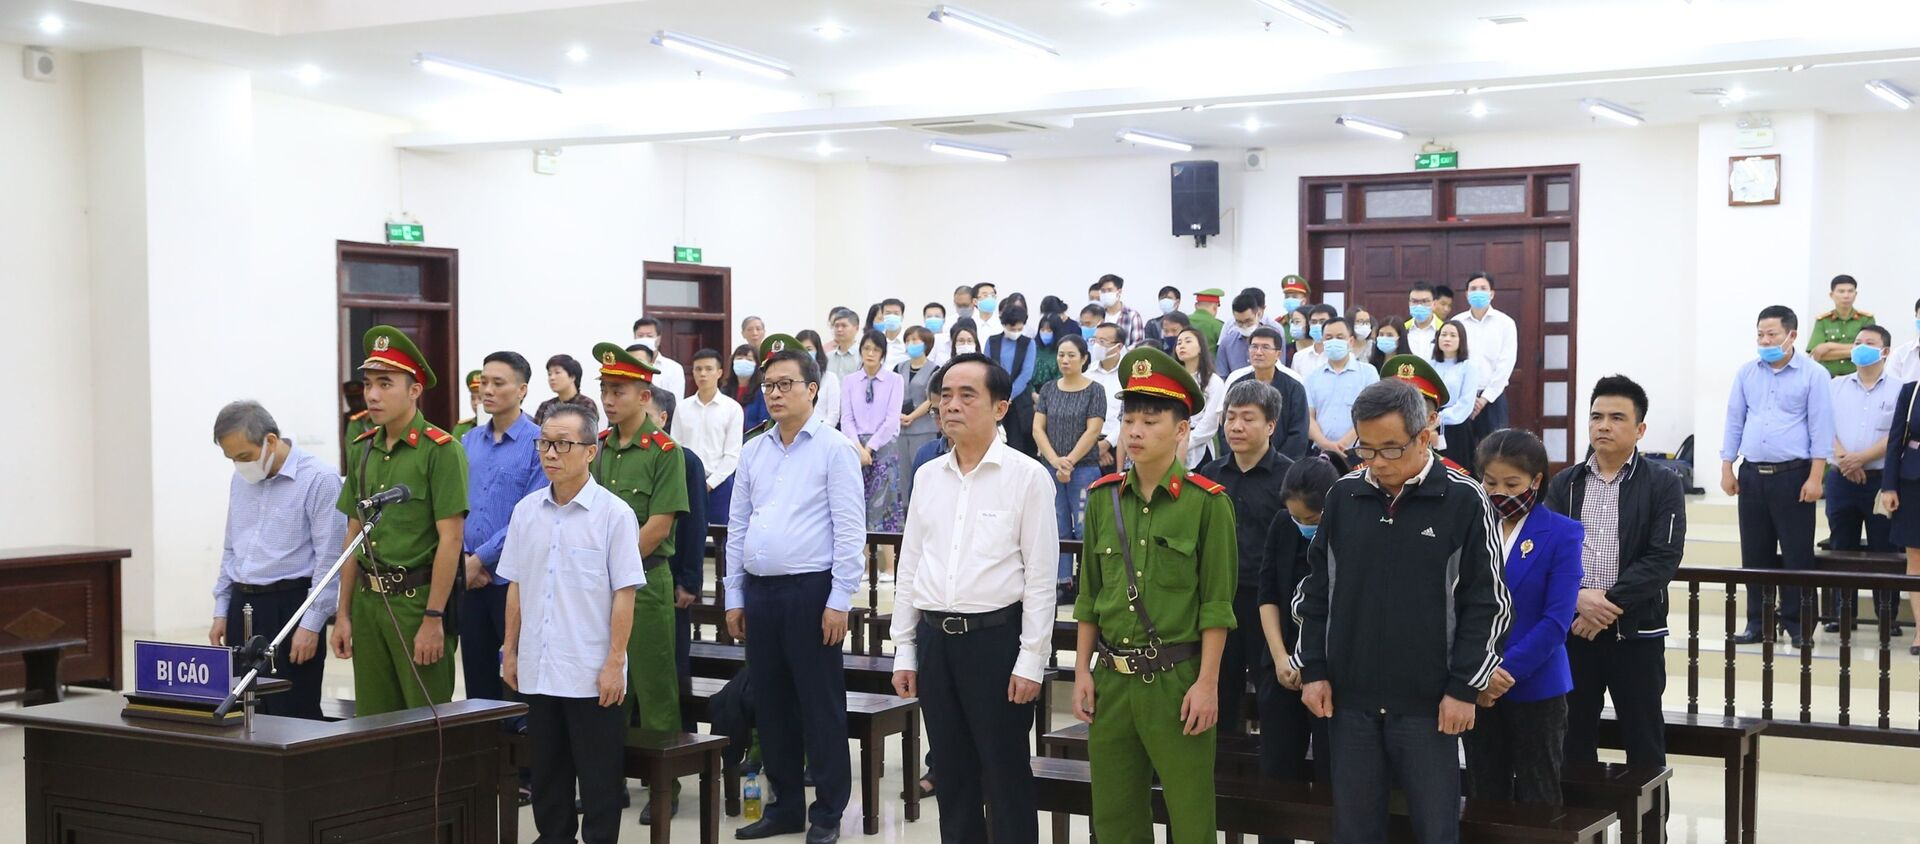 Các bị cáo nghe Hội đồng xét xử tuyên án. - Sputnik Việt Nam, 1920, 27.11.2020